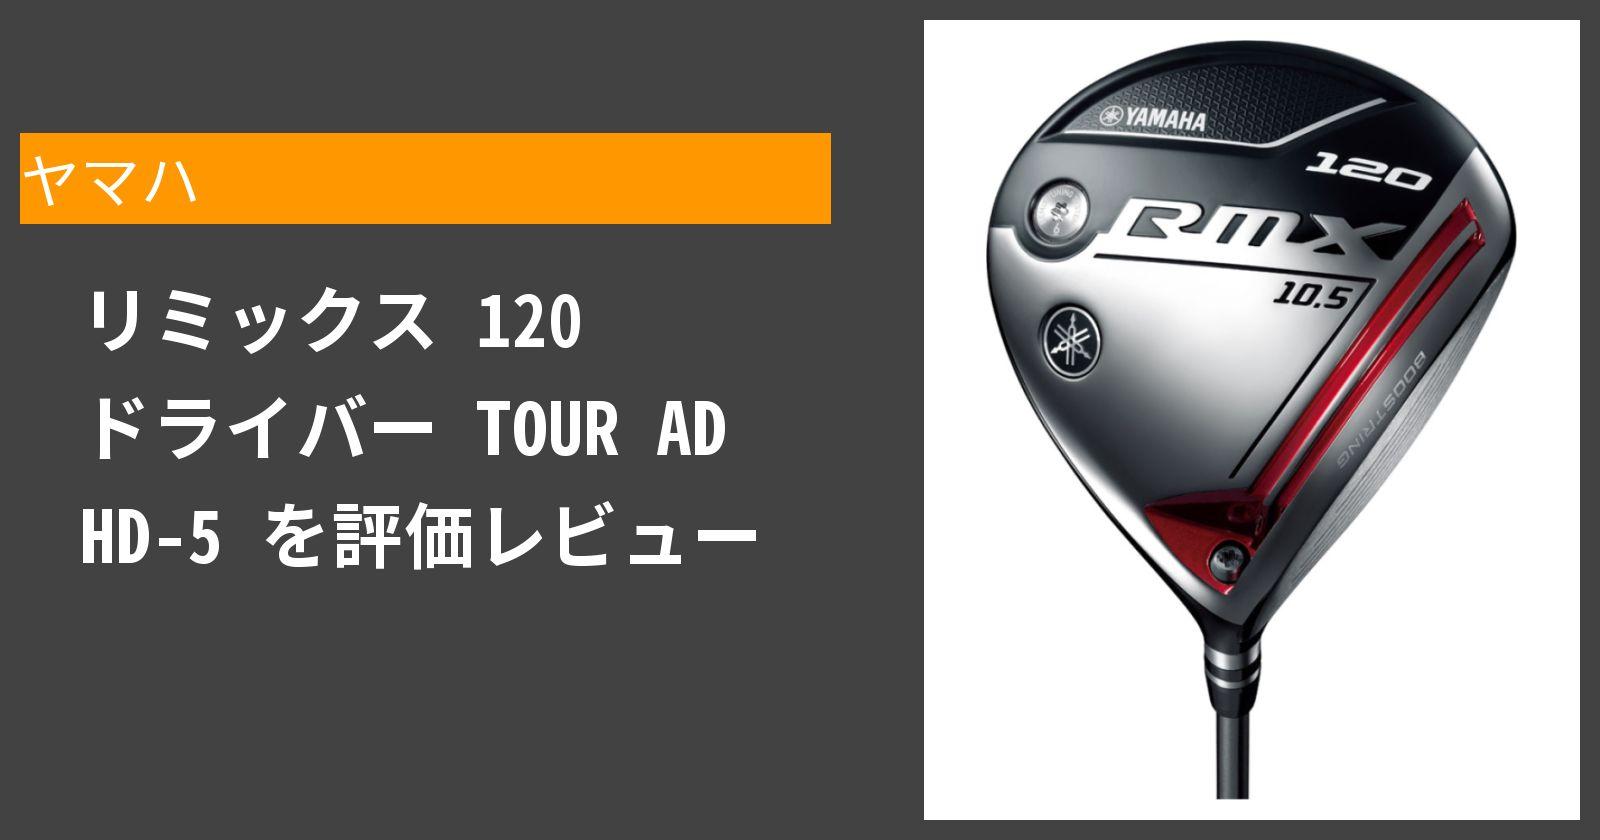 リミックス 120 ドライバー TOUR AD HD-5を徹底評価